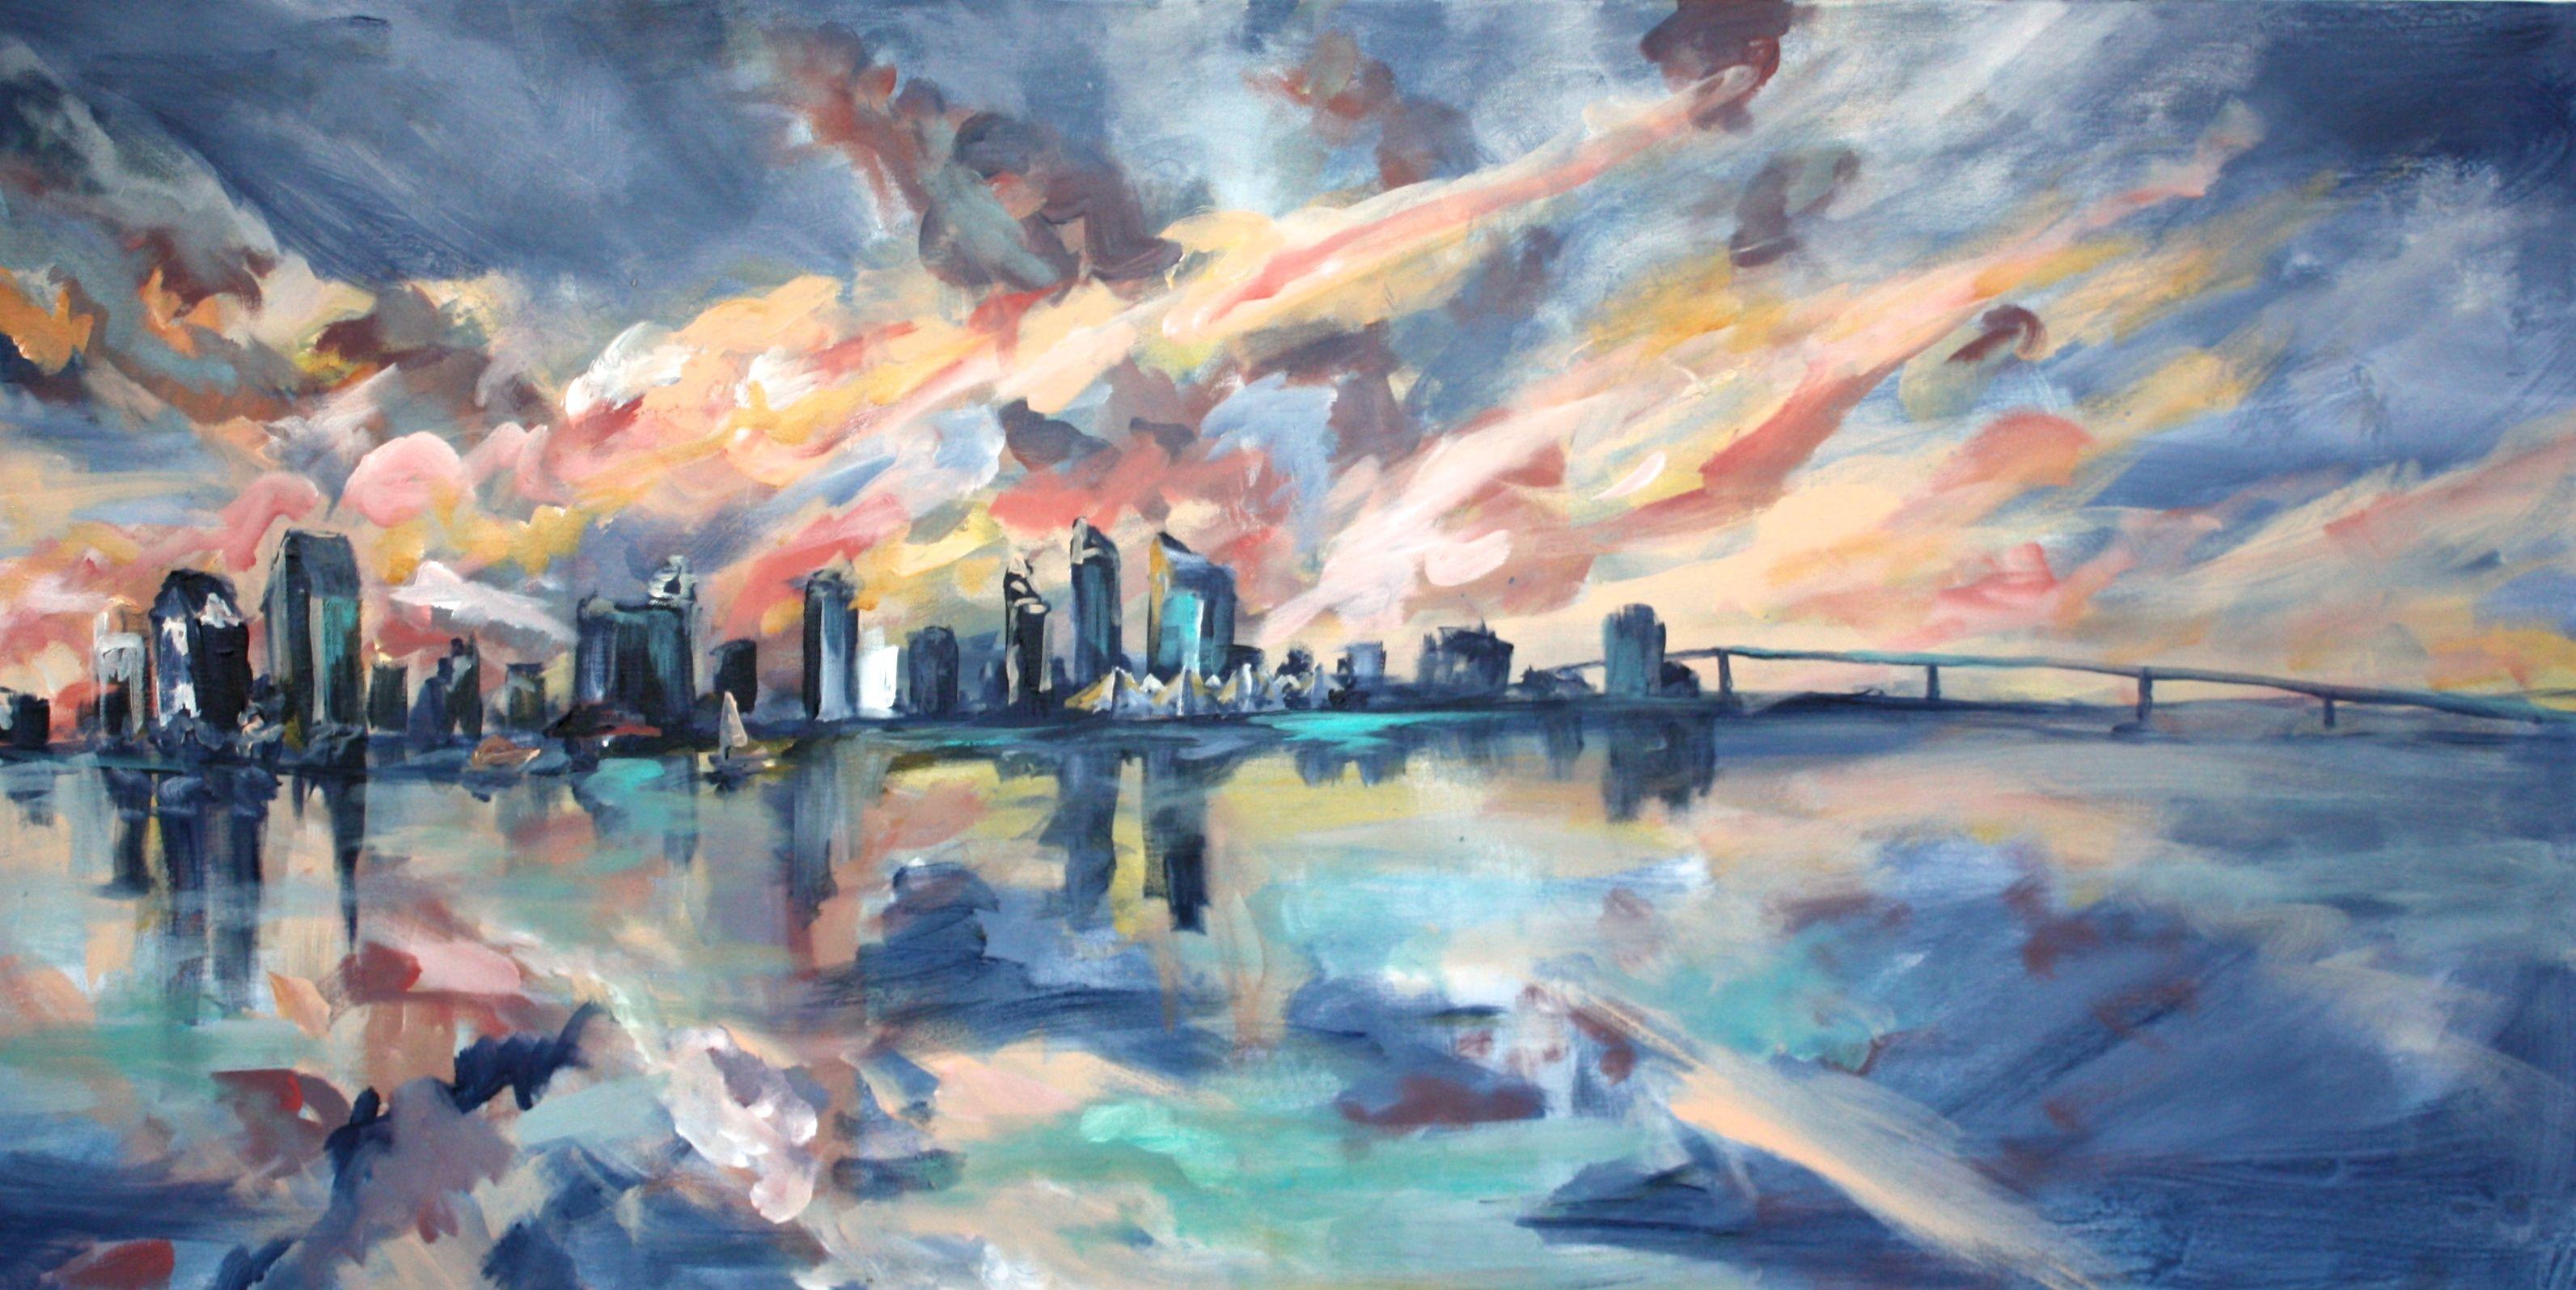 San Diego Skyline 2x4ft Acrylic On Canvas Jennie Lou Art Skyline Painting San Diego Skyline Painting